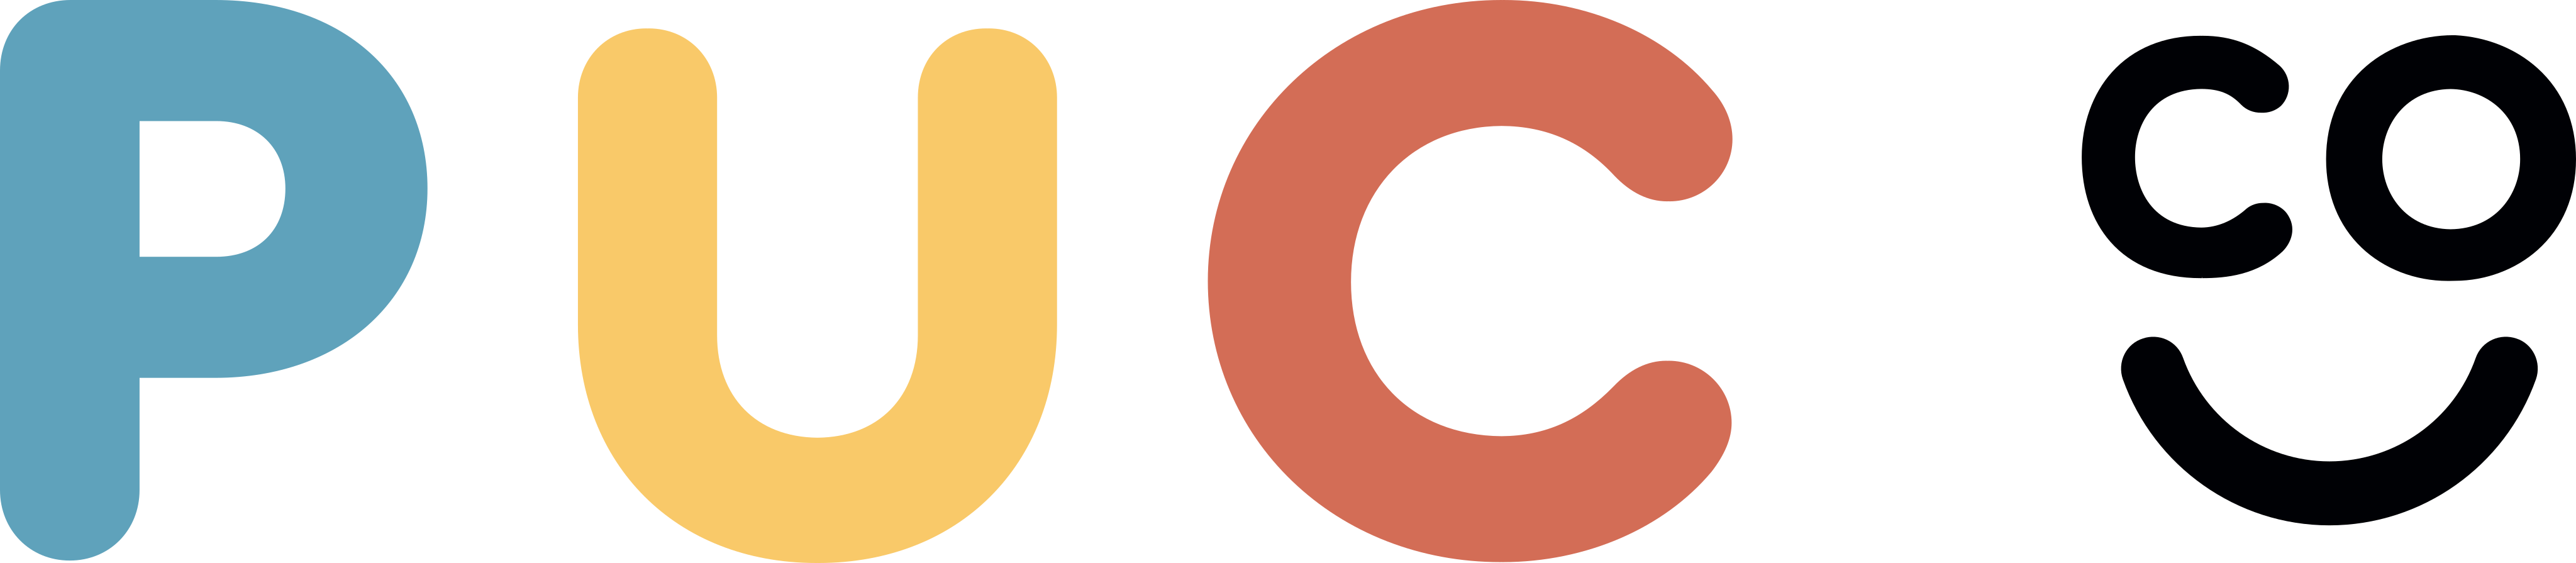 PUC Kids Logo.